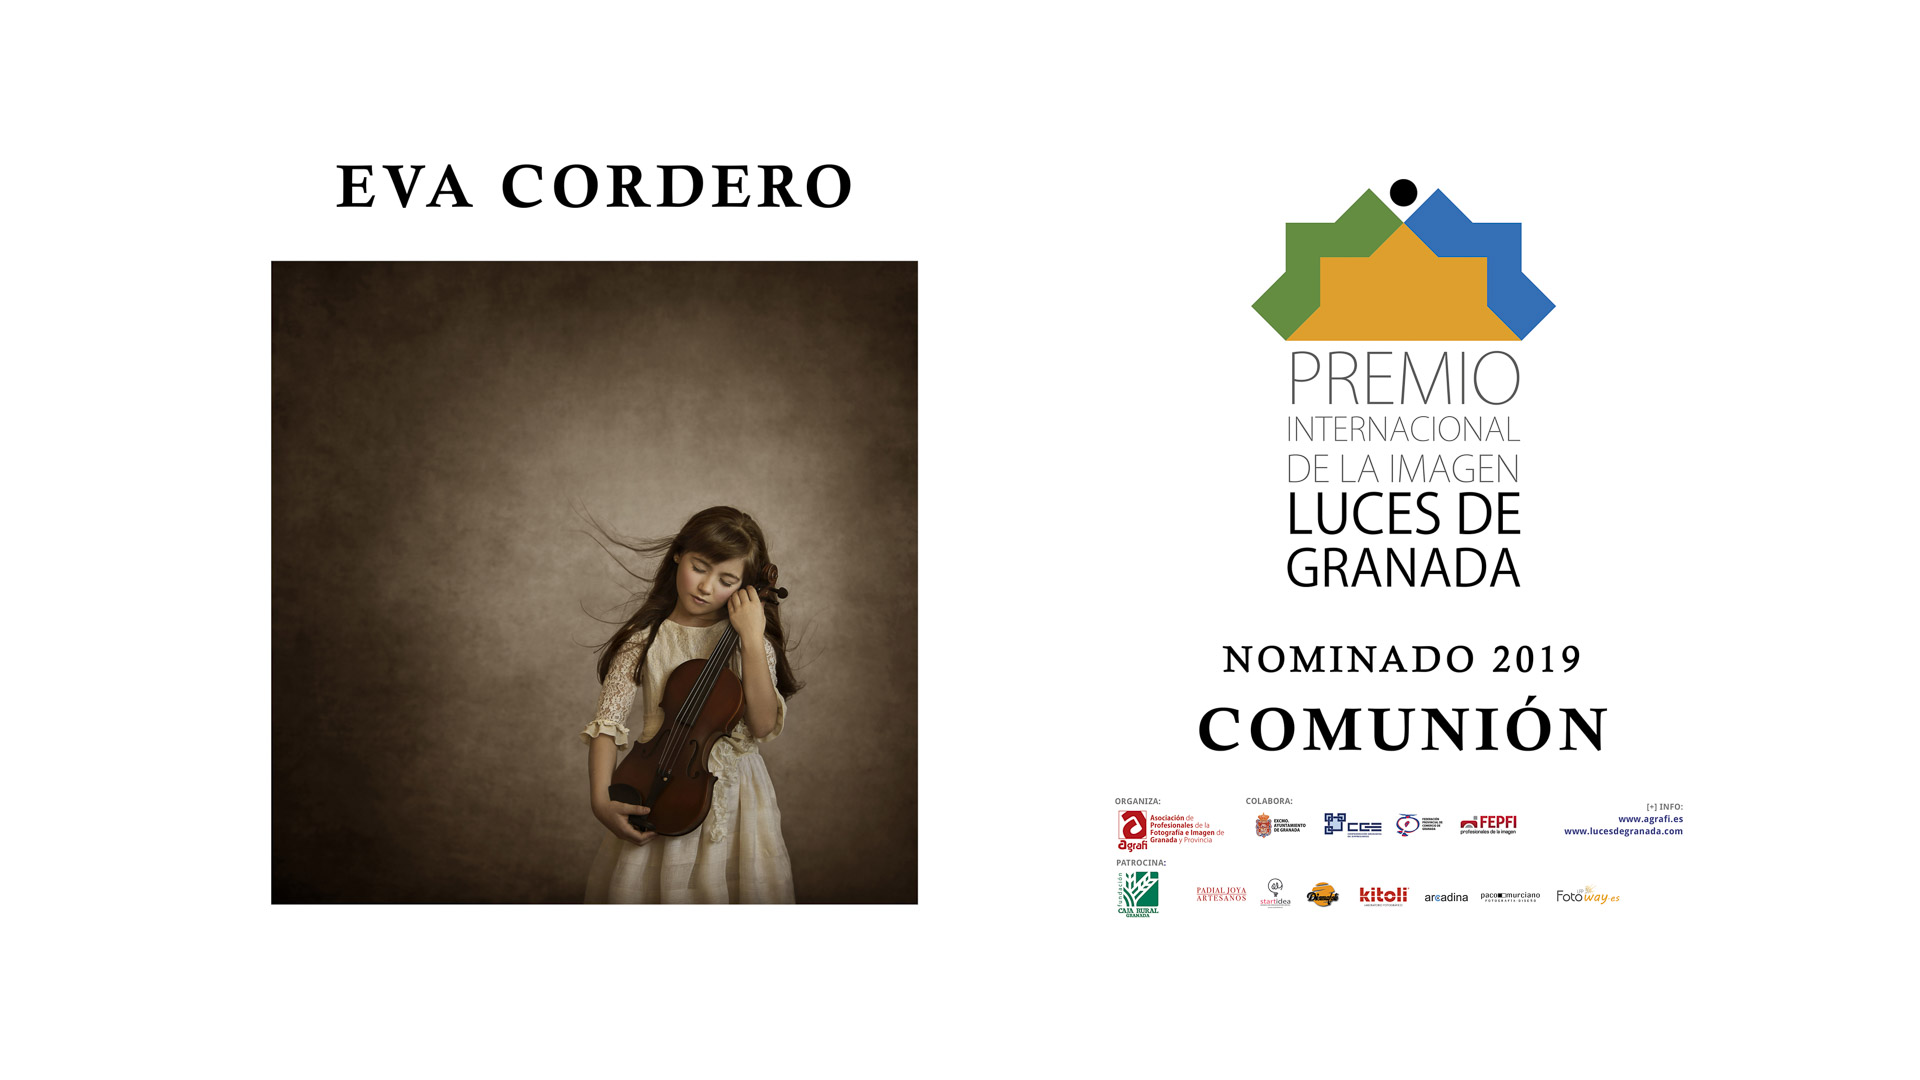 COM49_EVA CORDERO